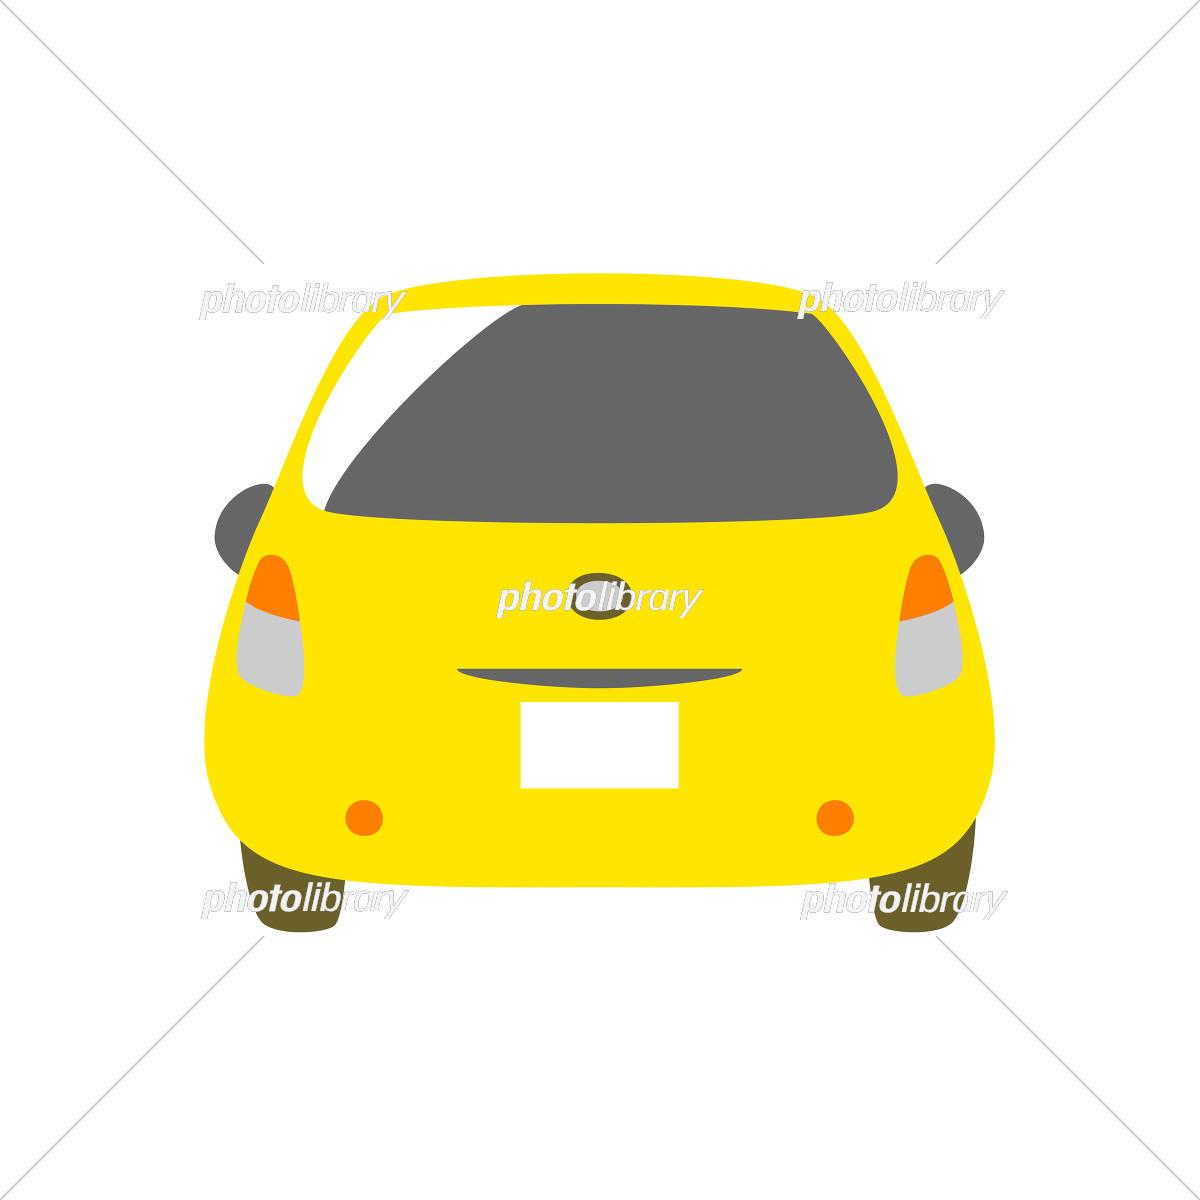 黄色の車 背面 イラスト素材 [ 5327205 ] - フォトライブラリー photolibrary